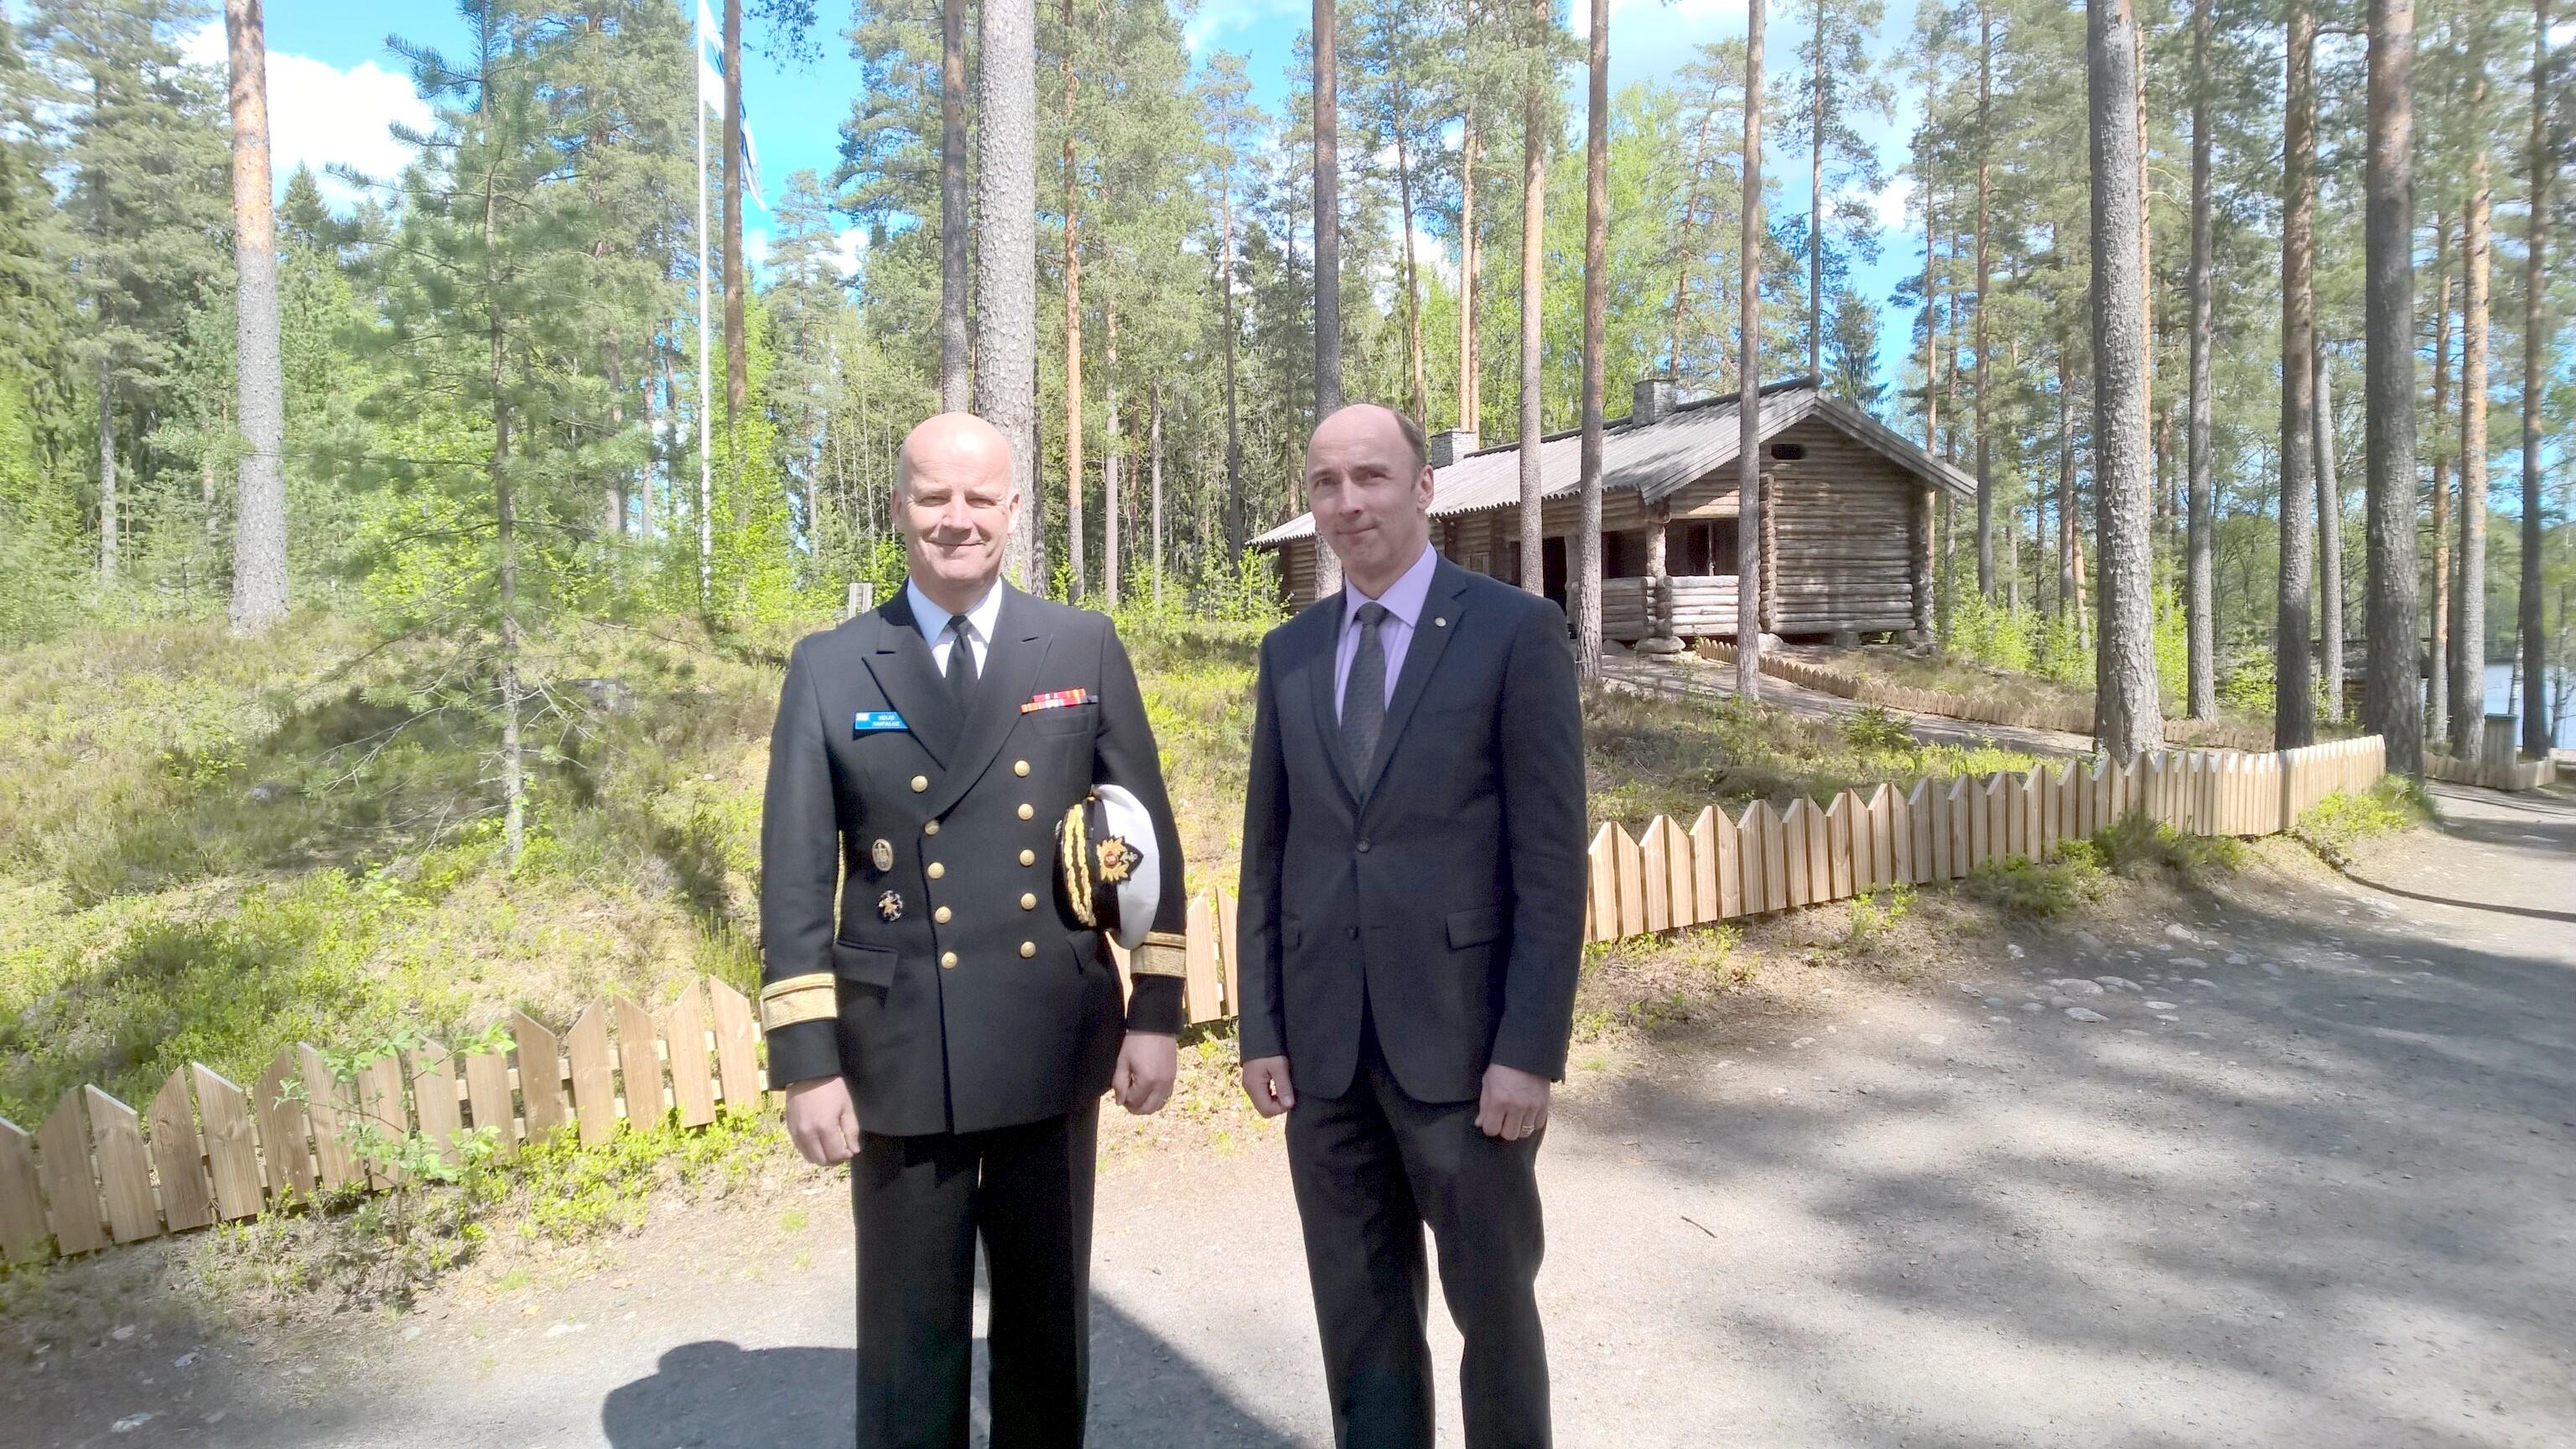 Veijo Taipalus toimii myös Kadettikunnan puheenjohtajana, oikealla varapuheenjohtaja Esa Salminen.